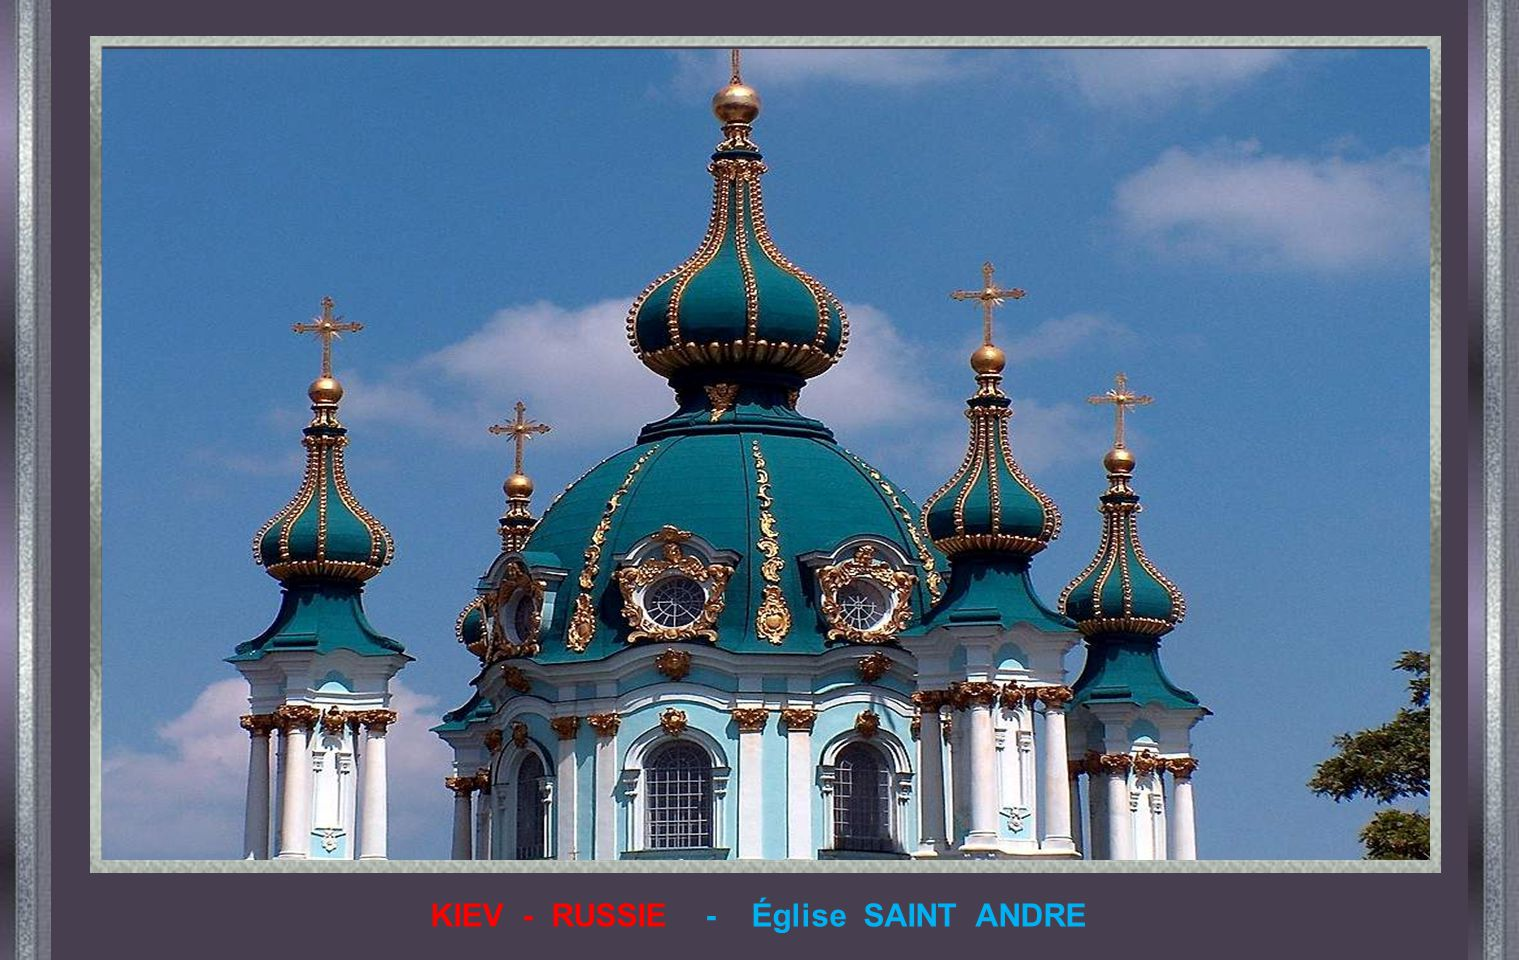 KIEV - RUSSIE - Église SAINT ANDRE